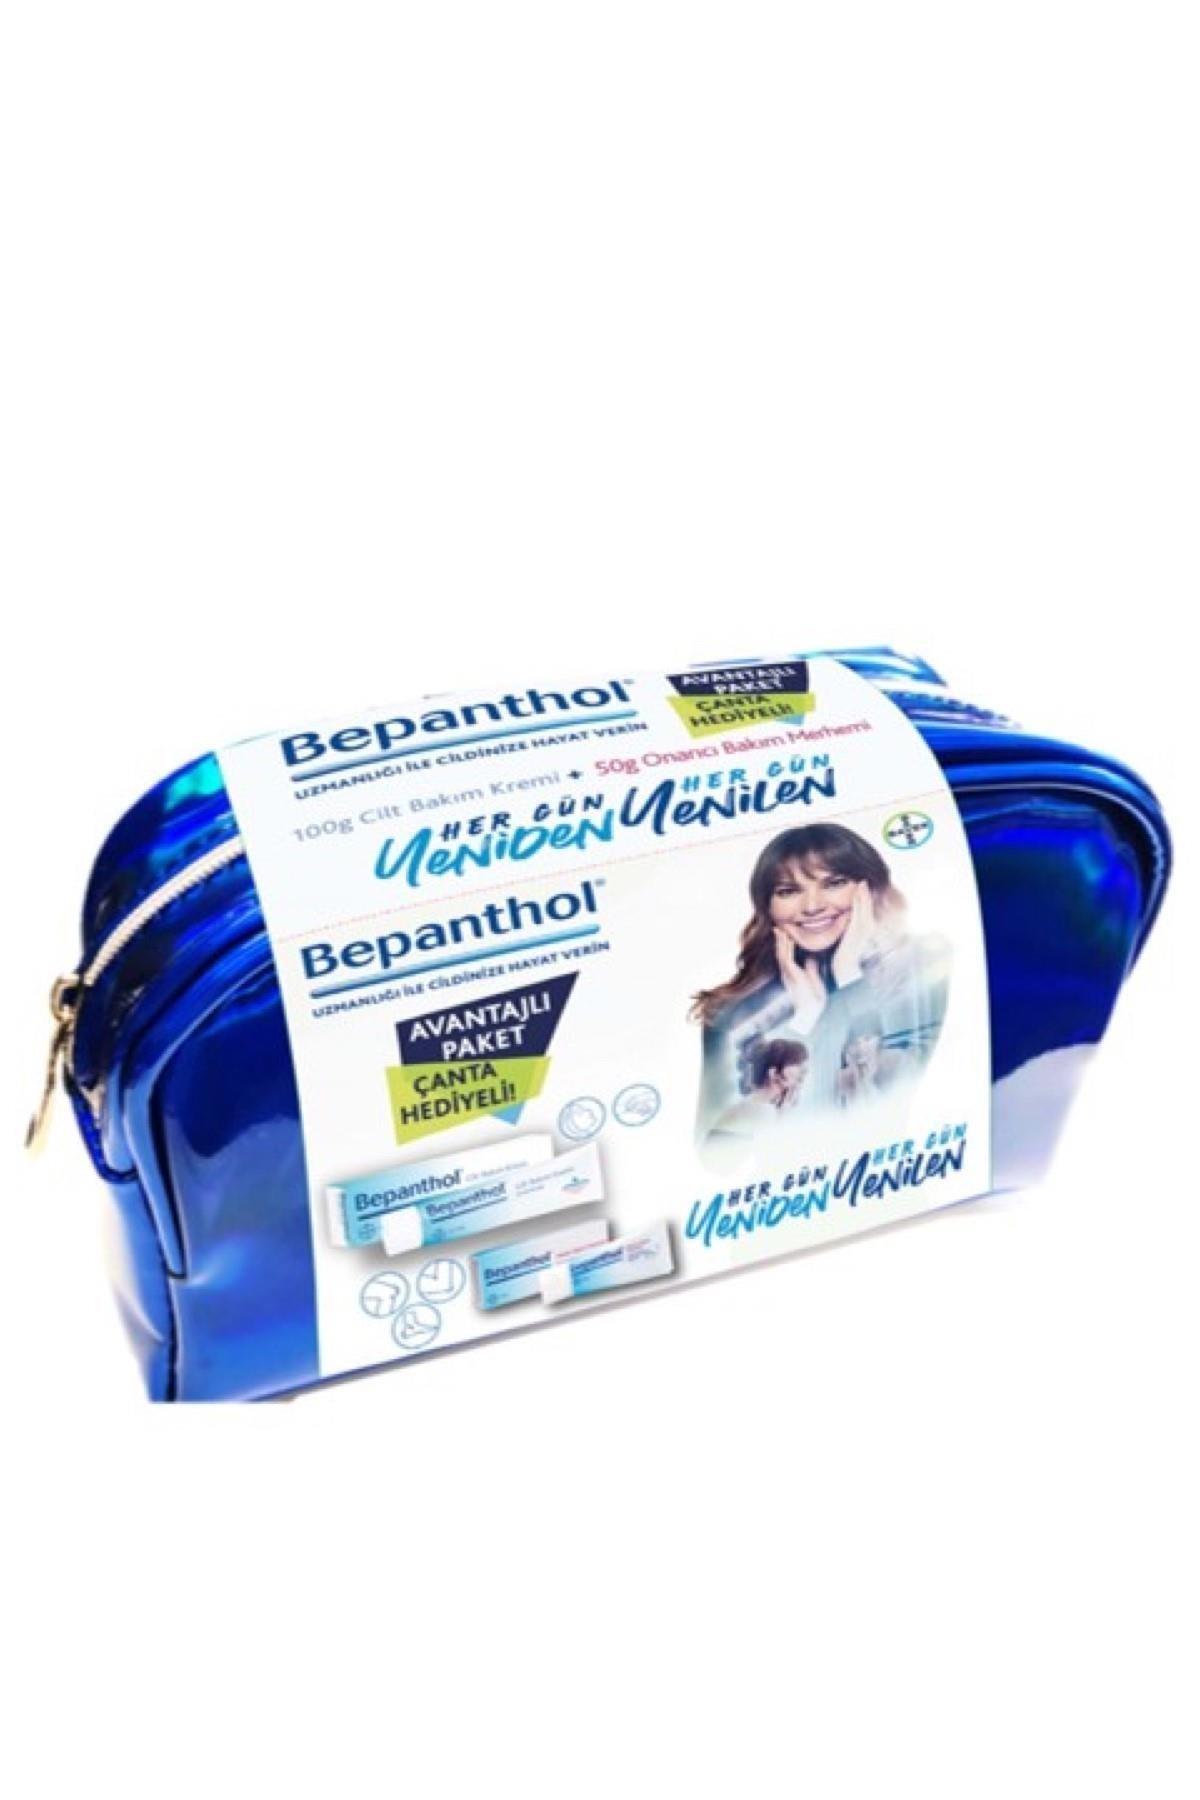 Bepanthol Cilt Bakım Kremi 100 g + Onarıcı Bakım Merhemi 50 g Metalik Çantalı Avantaj Paket  8699546358731